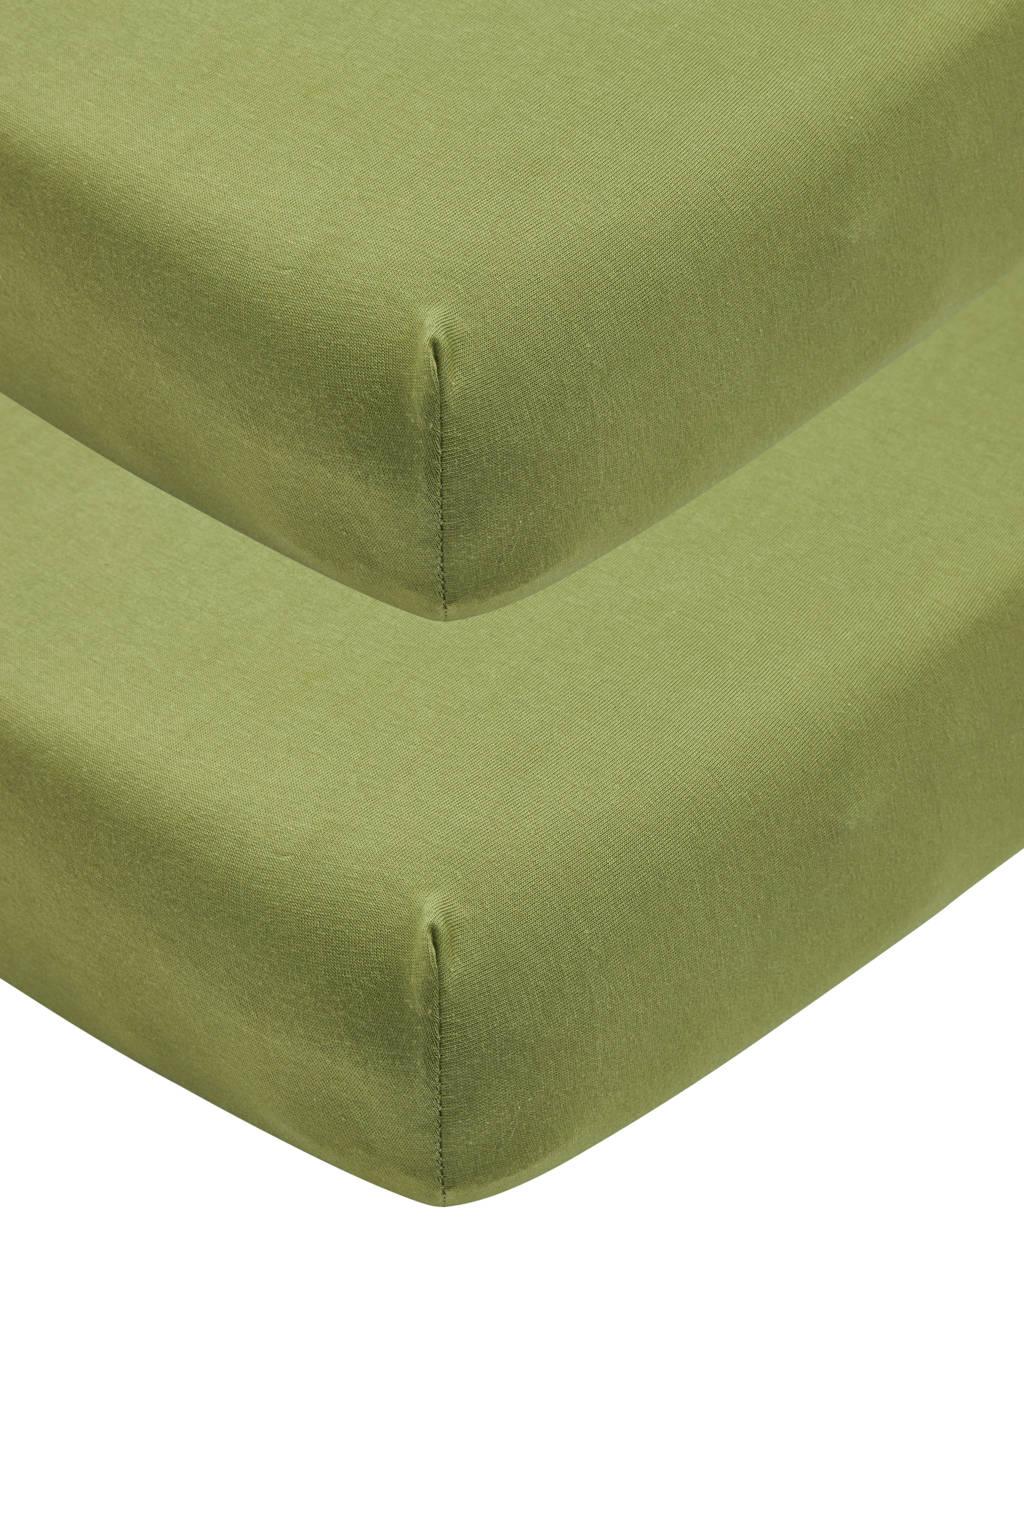 Meyco katoenen jersey hoeslaken peuter - set van 2 70x140/150 cm avocado Groen